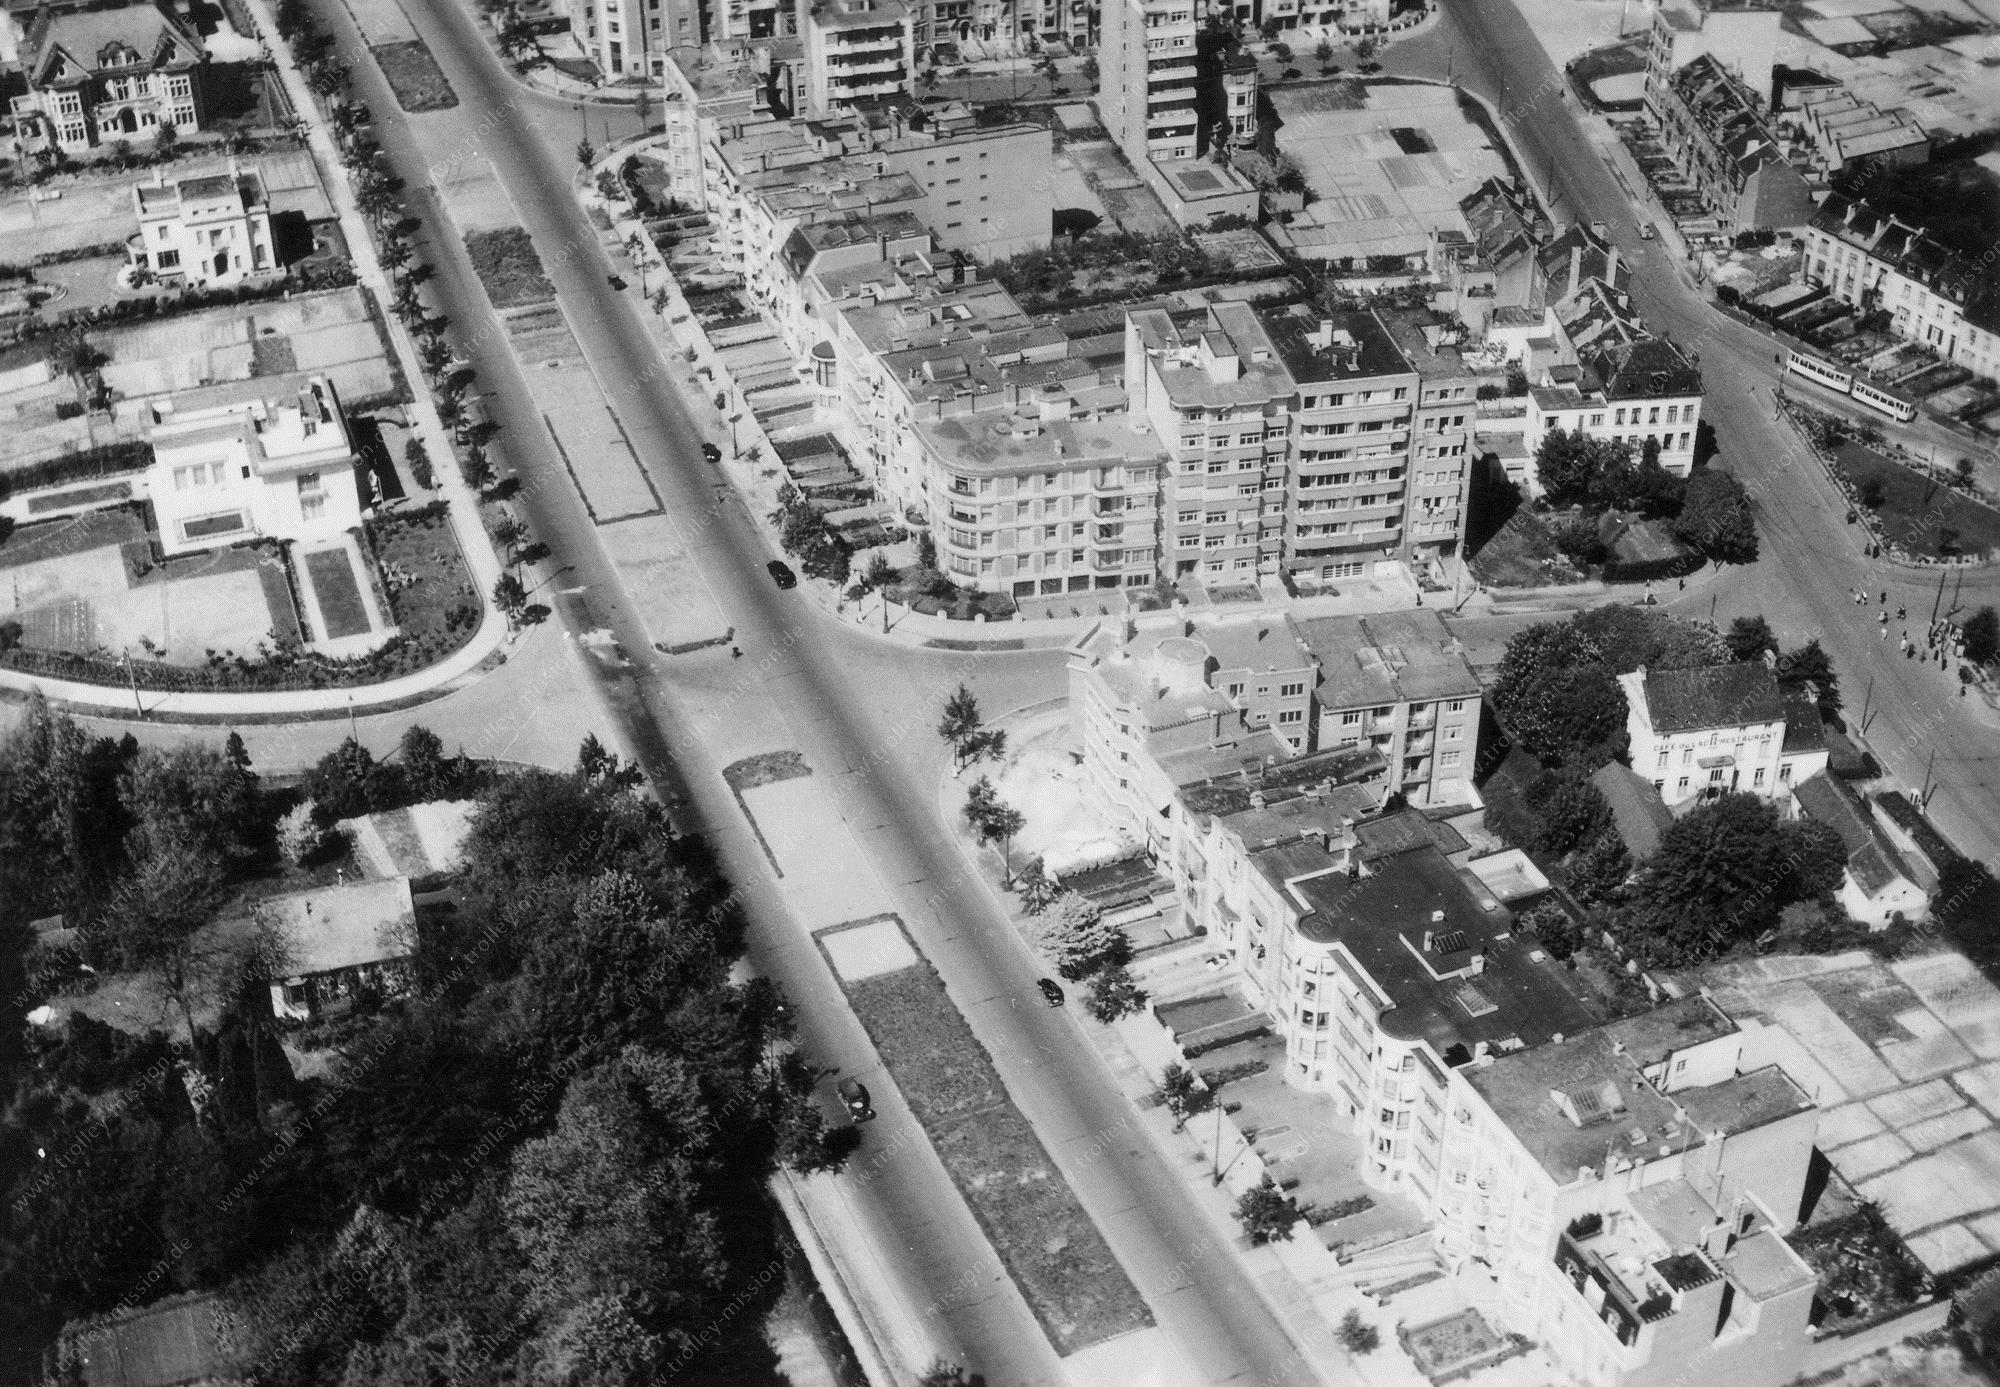 Luftbild der Straßenbahn-Kehrschleife am Marie-José-Plein - Franklin Rooseveltlaan und Avenue Air Marshal Coningham - Brüssel (Belgien)